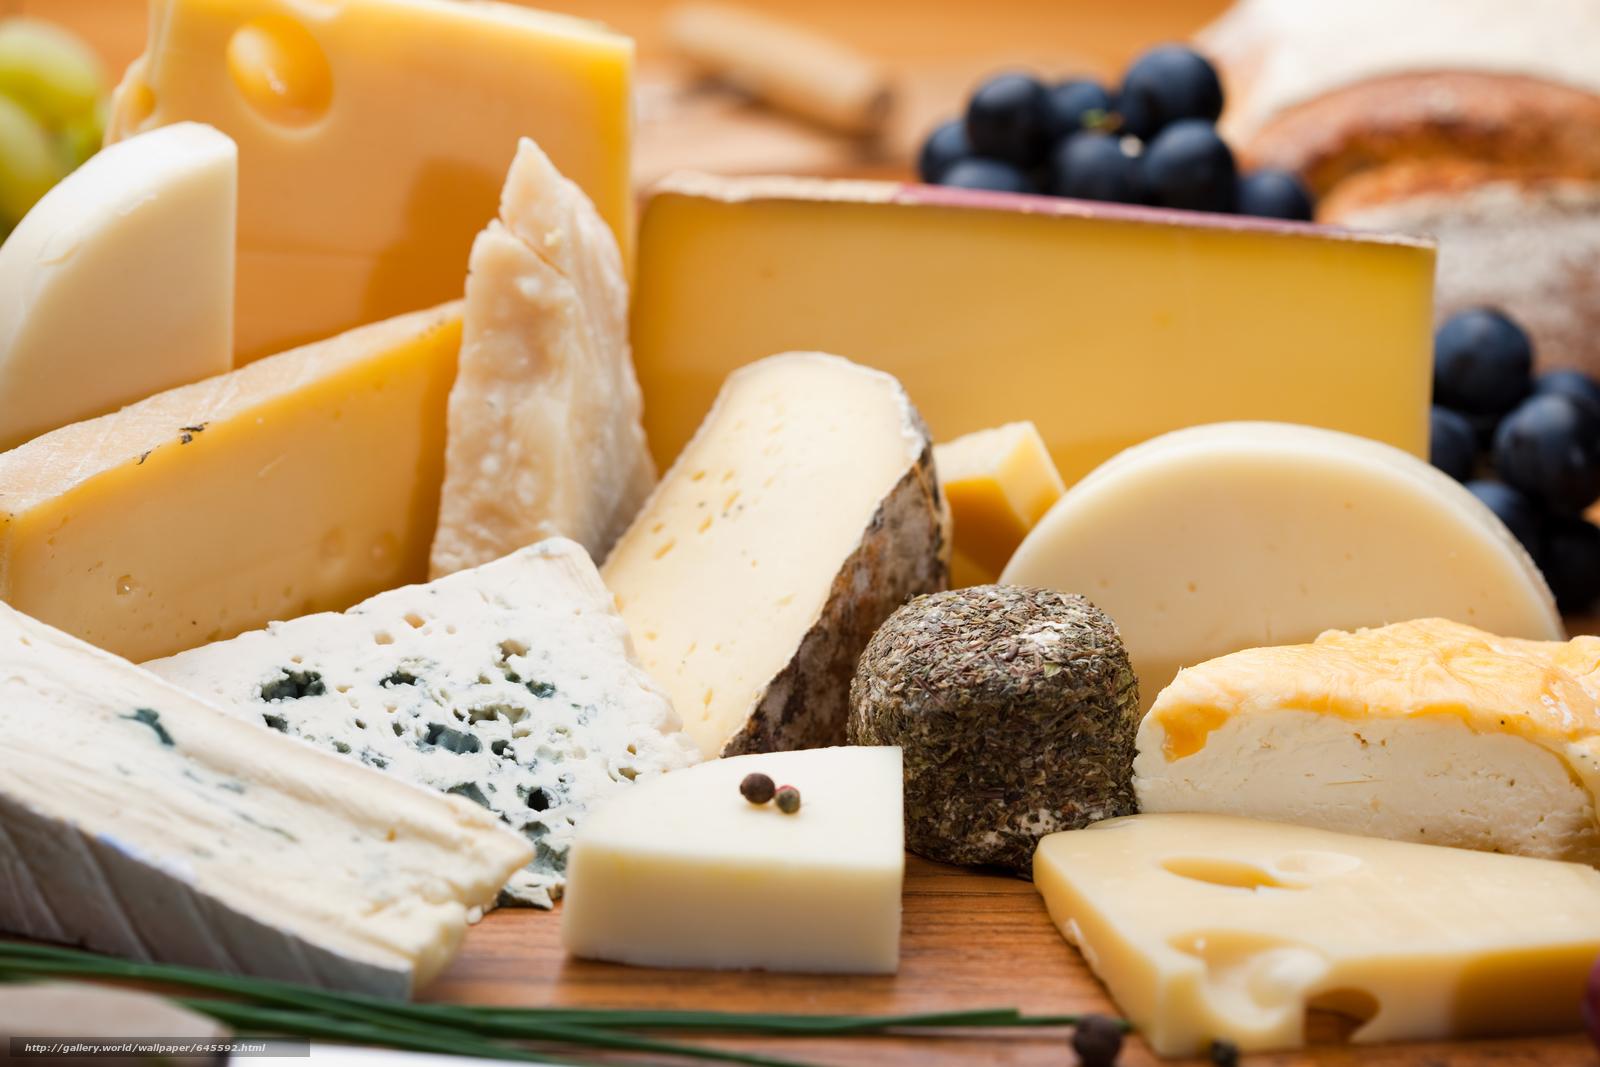 Скачать обои сыр,  еда,  пища,  провиант бесплатно для рабочего стола в разрешении 8500x5667 — картинка №645592